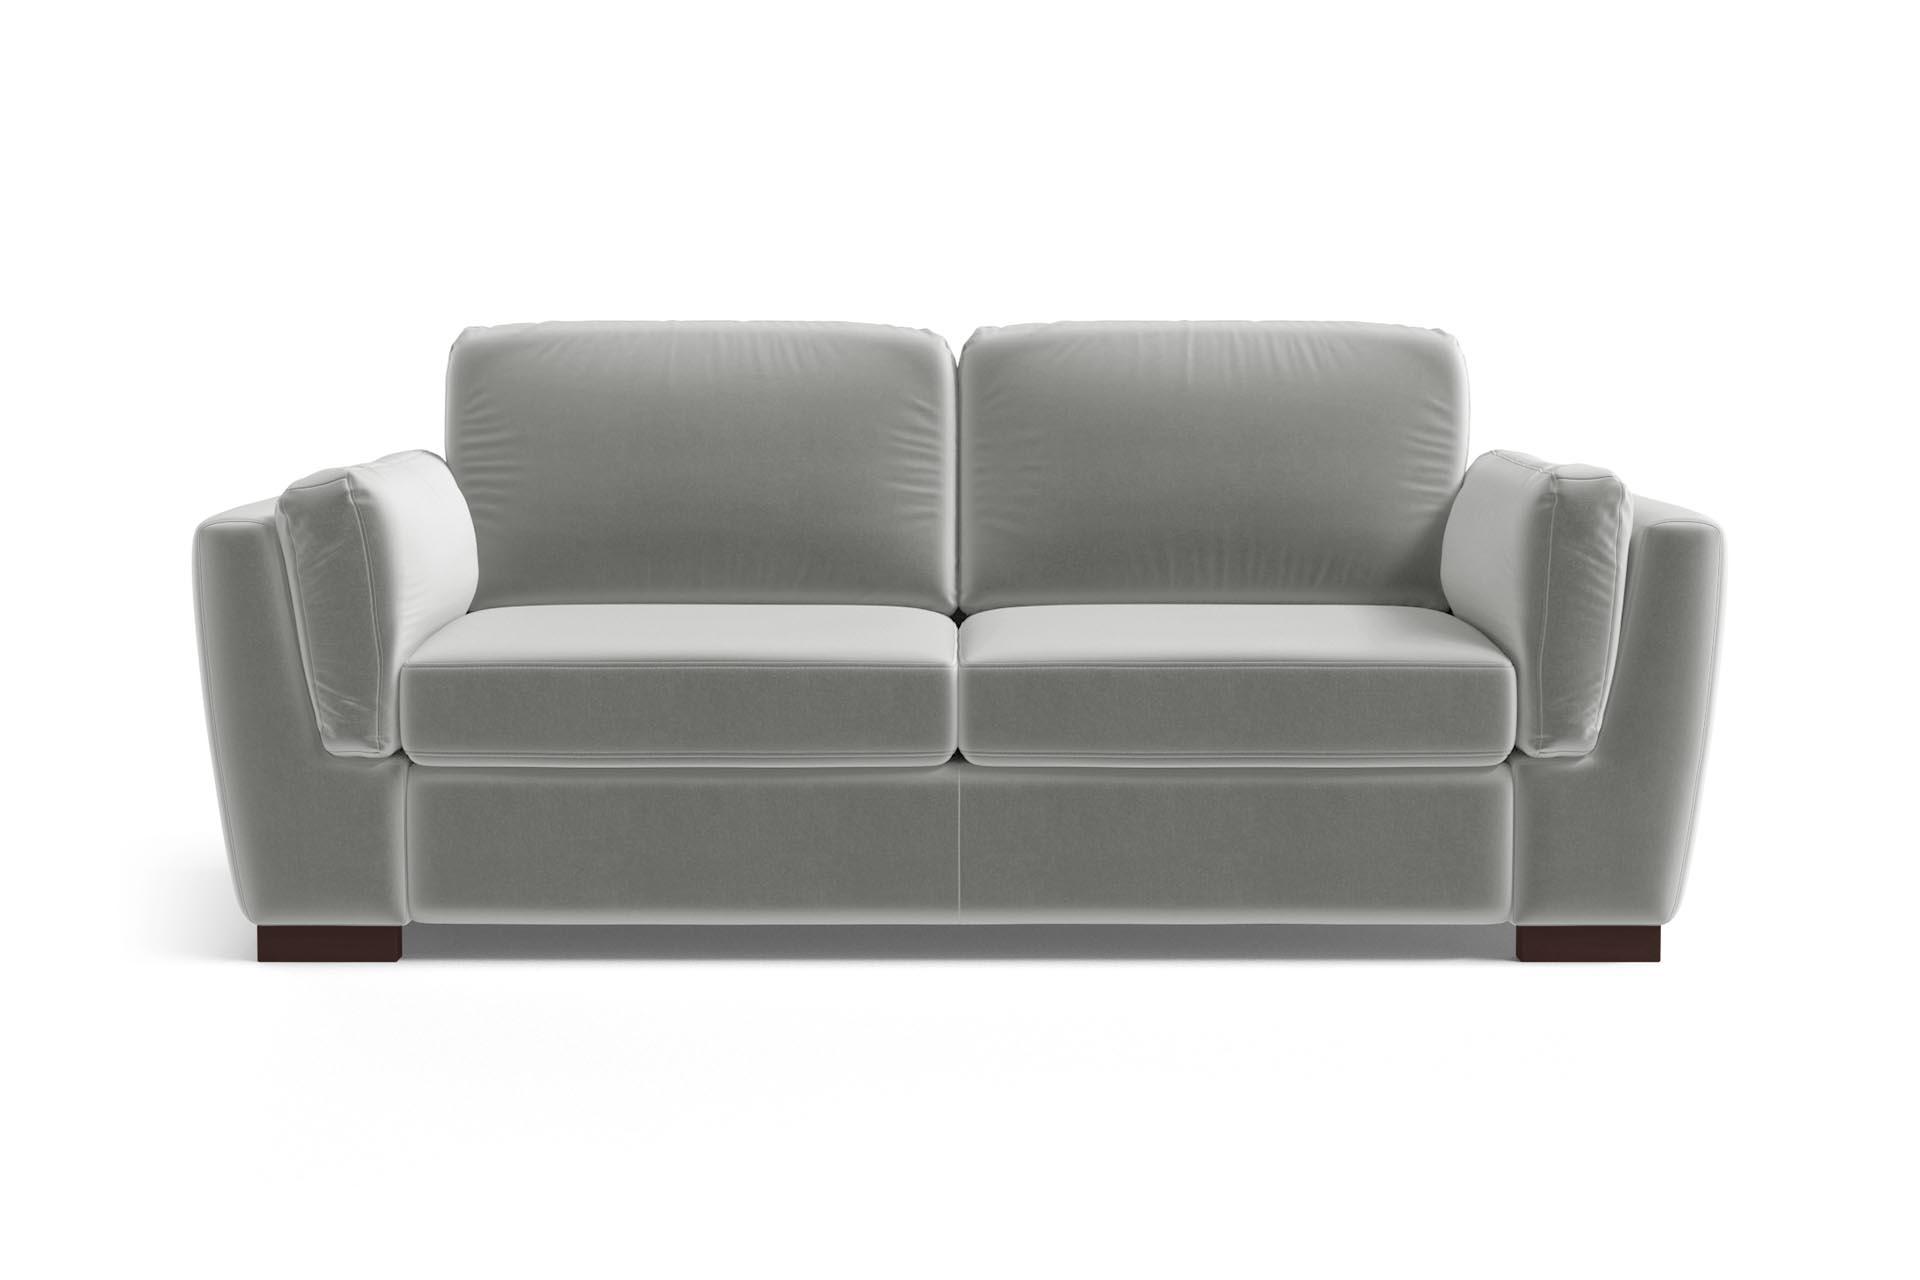 Canapé 2 places en velours gris clair